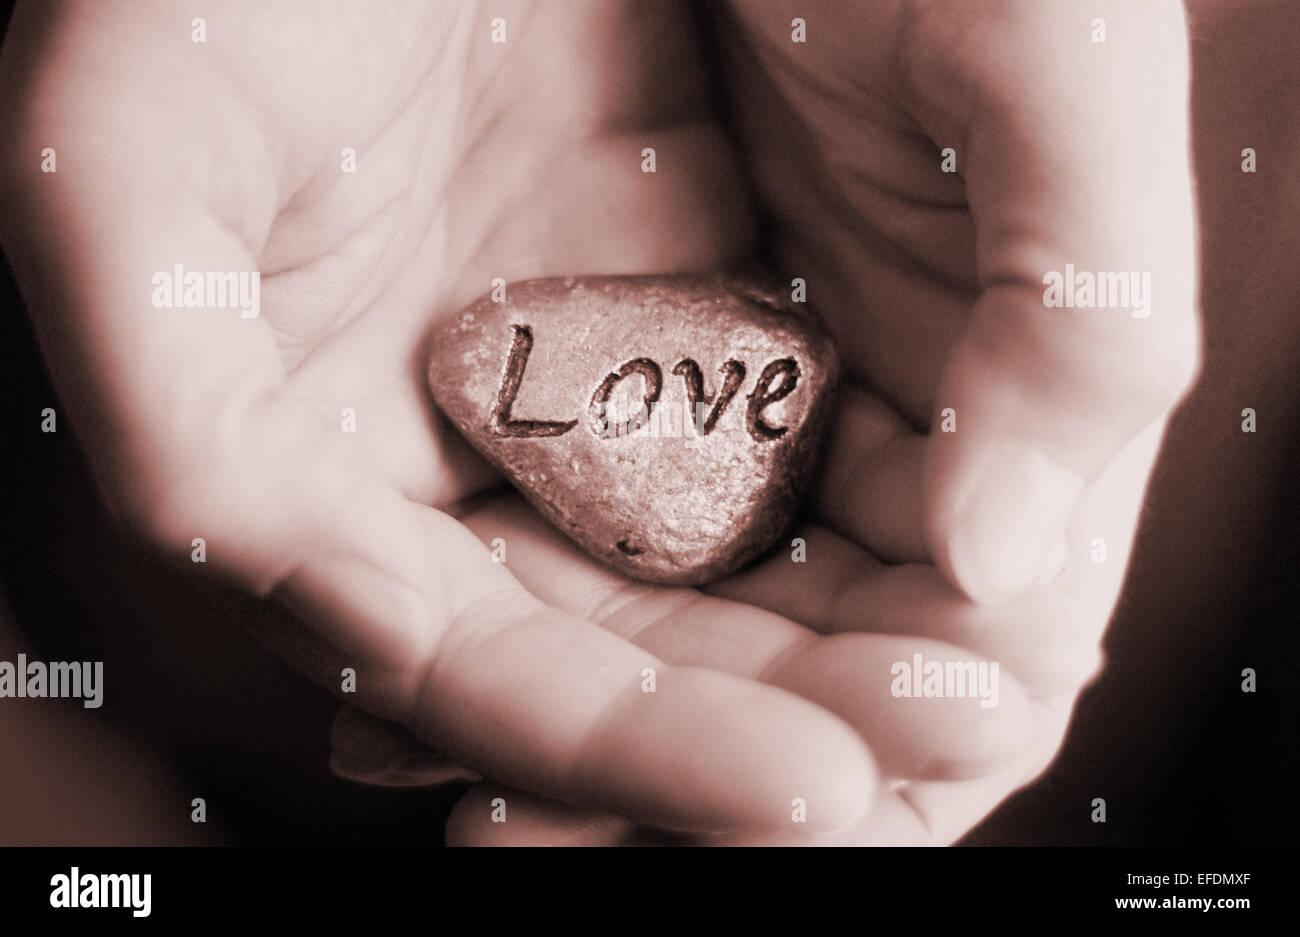 Mano che tiene la pietra d'amore. Amore e cura concept Immagini Stock